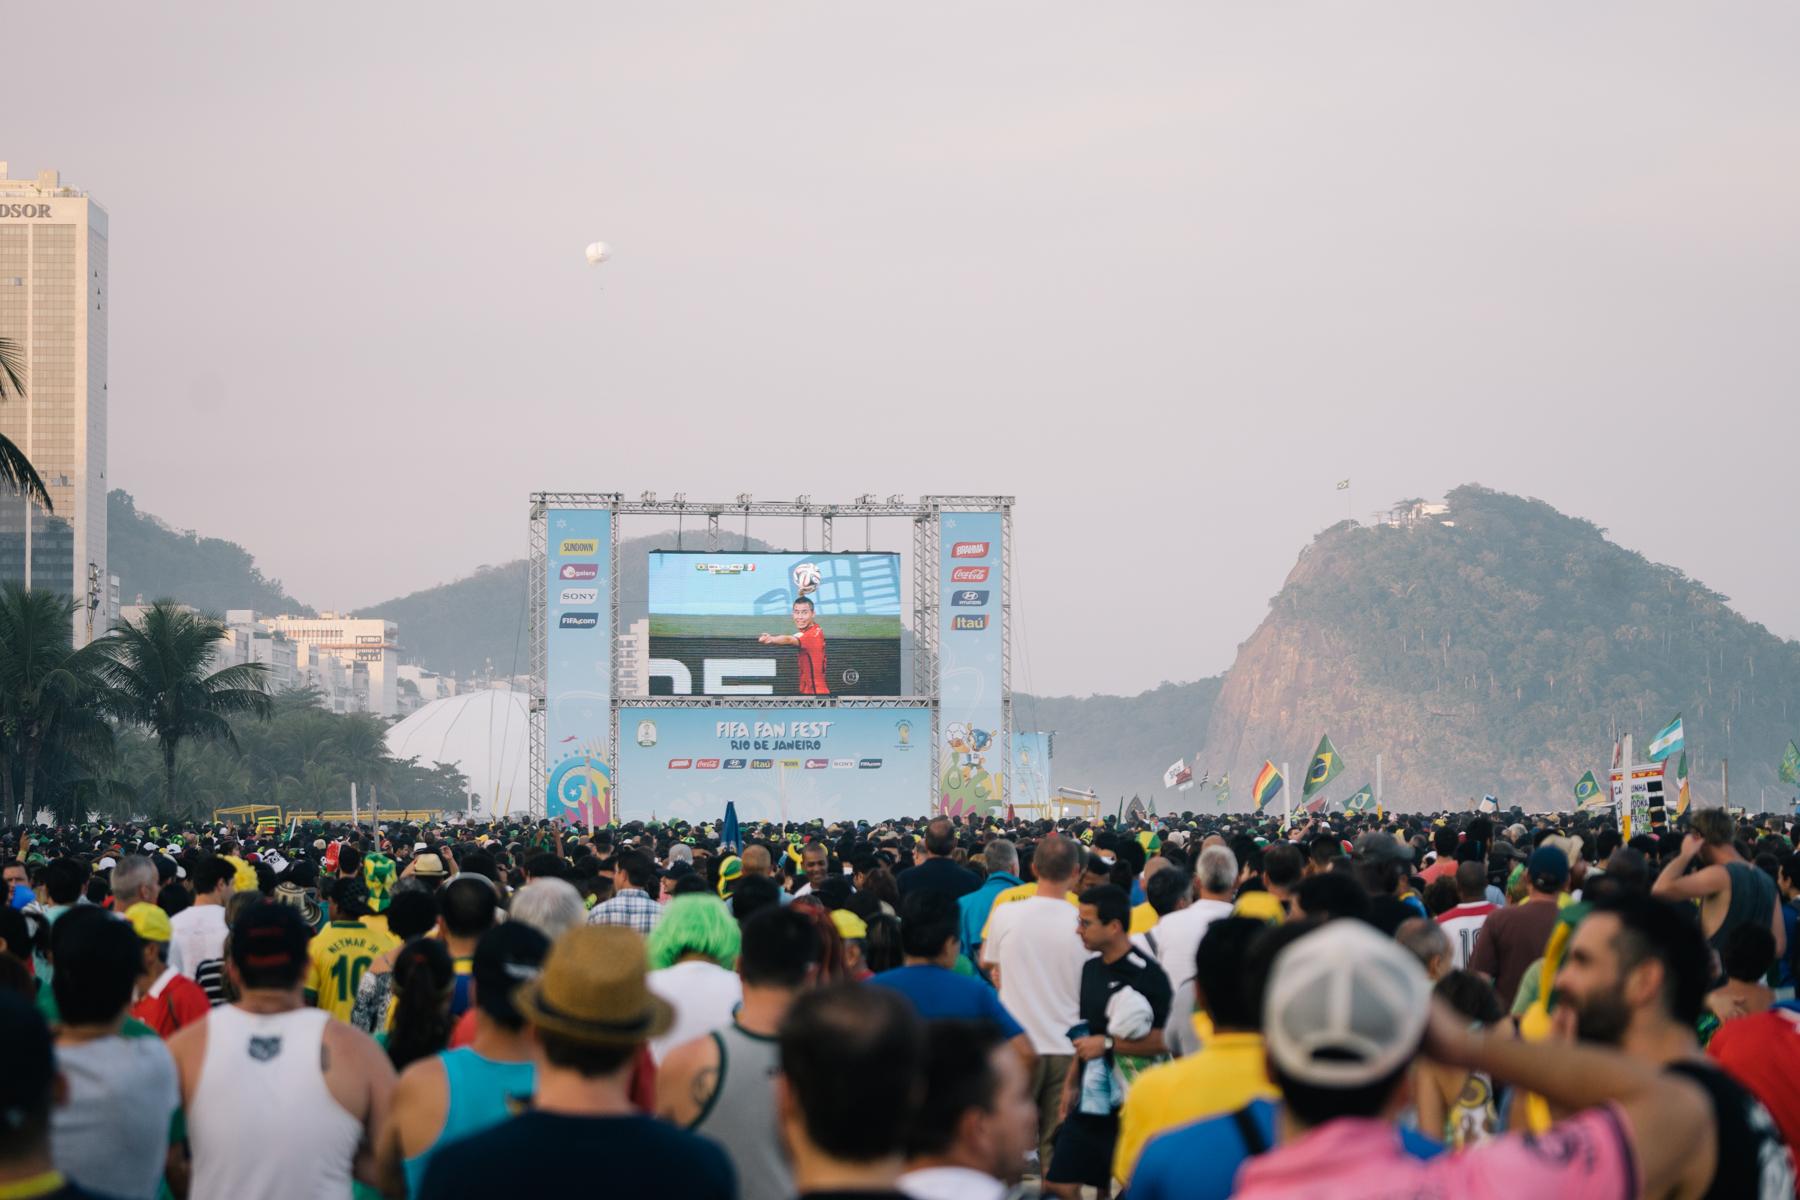 brazil-brasil-world-cup-olympics-rio-de-janeiro-copacabana-beach-fan-fest-2